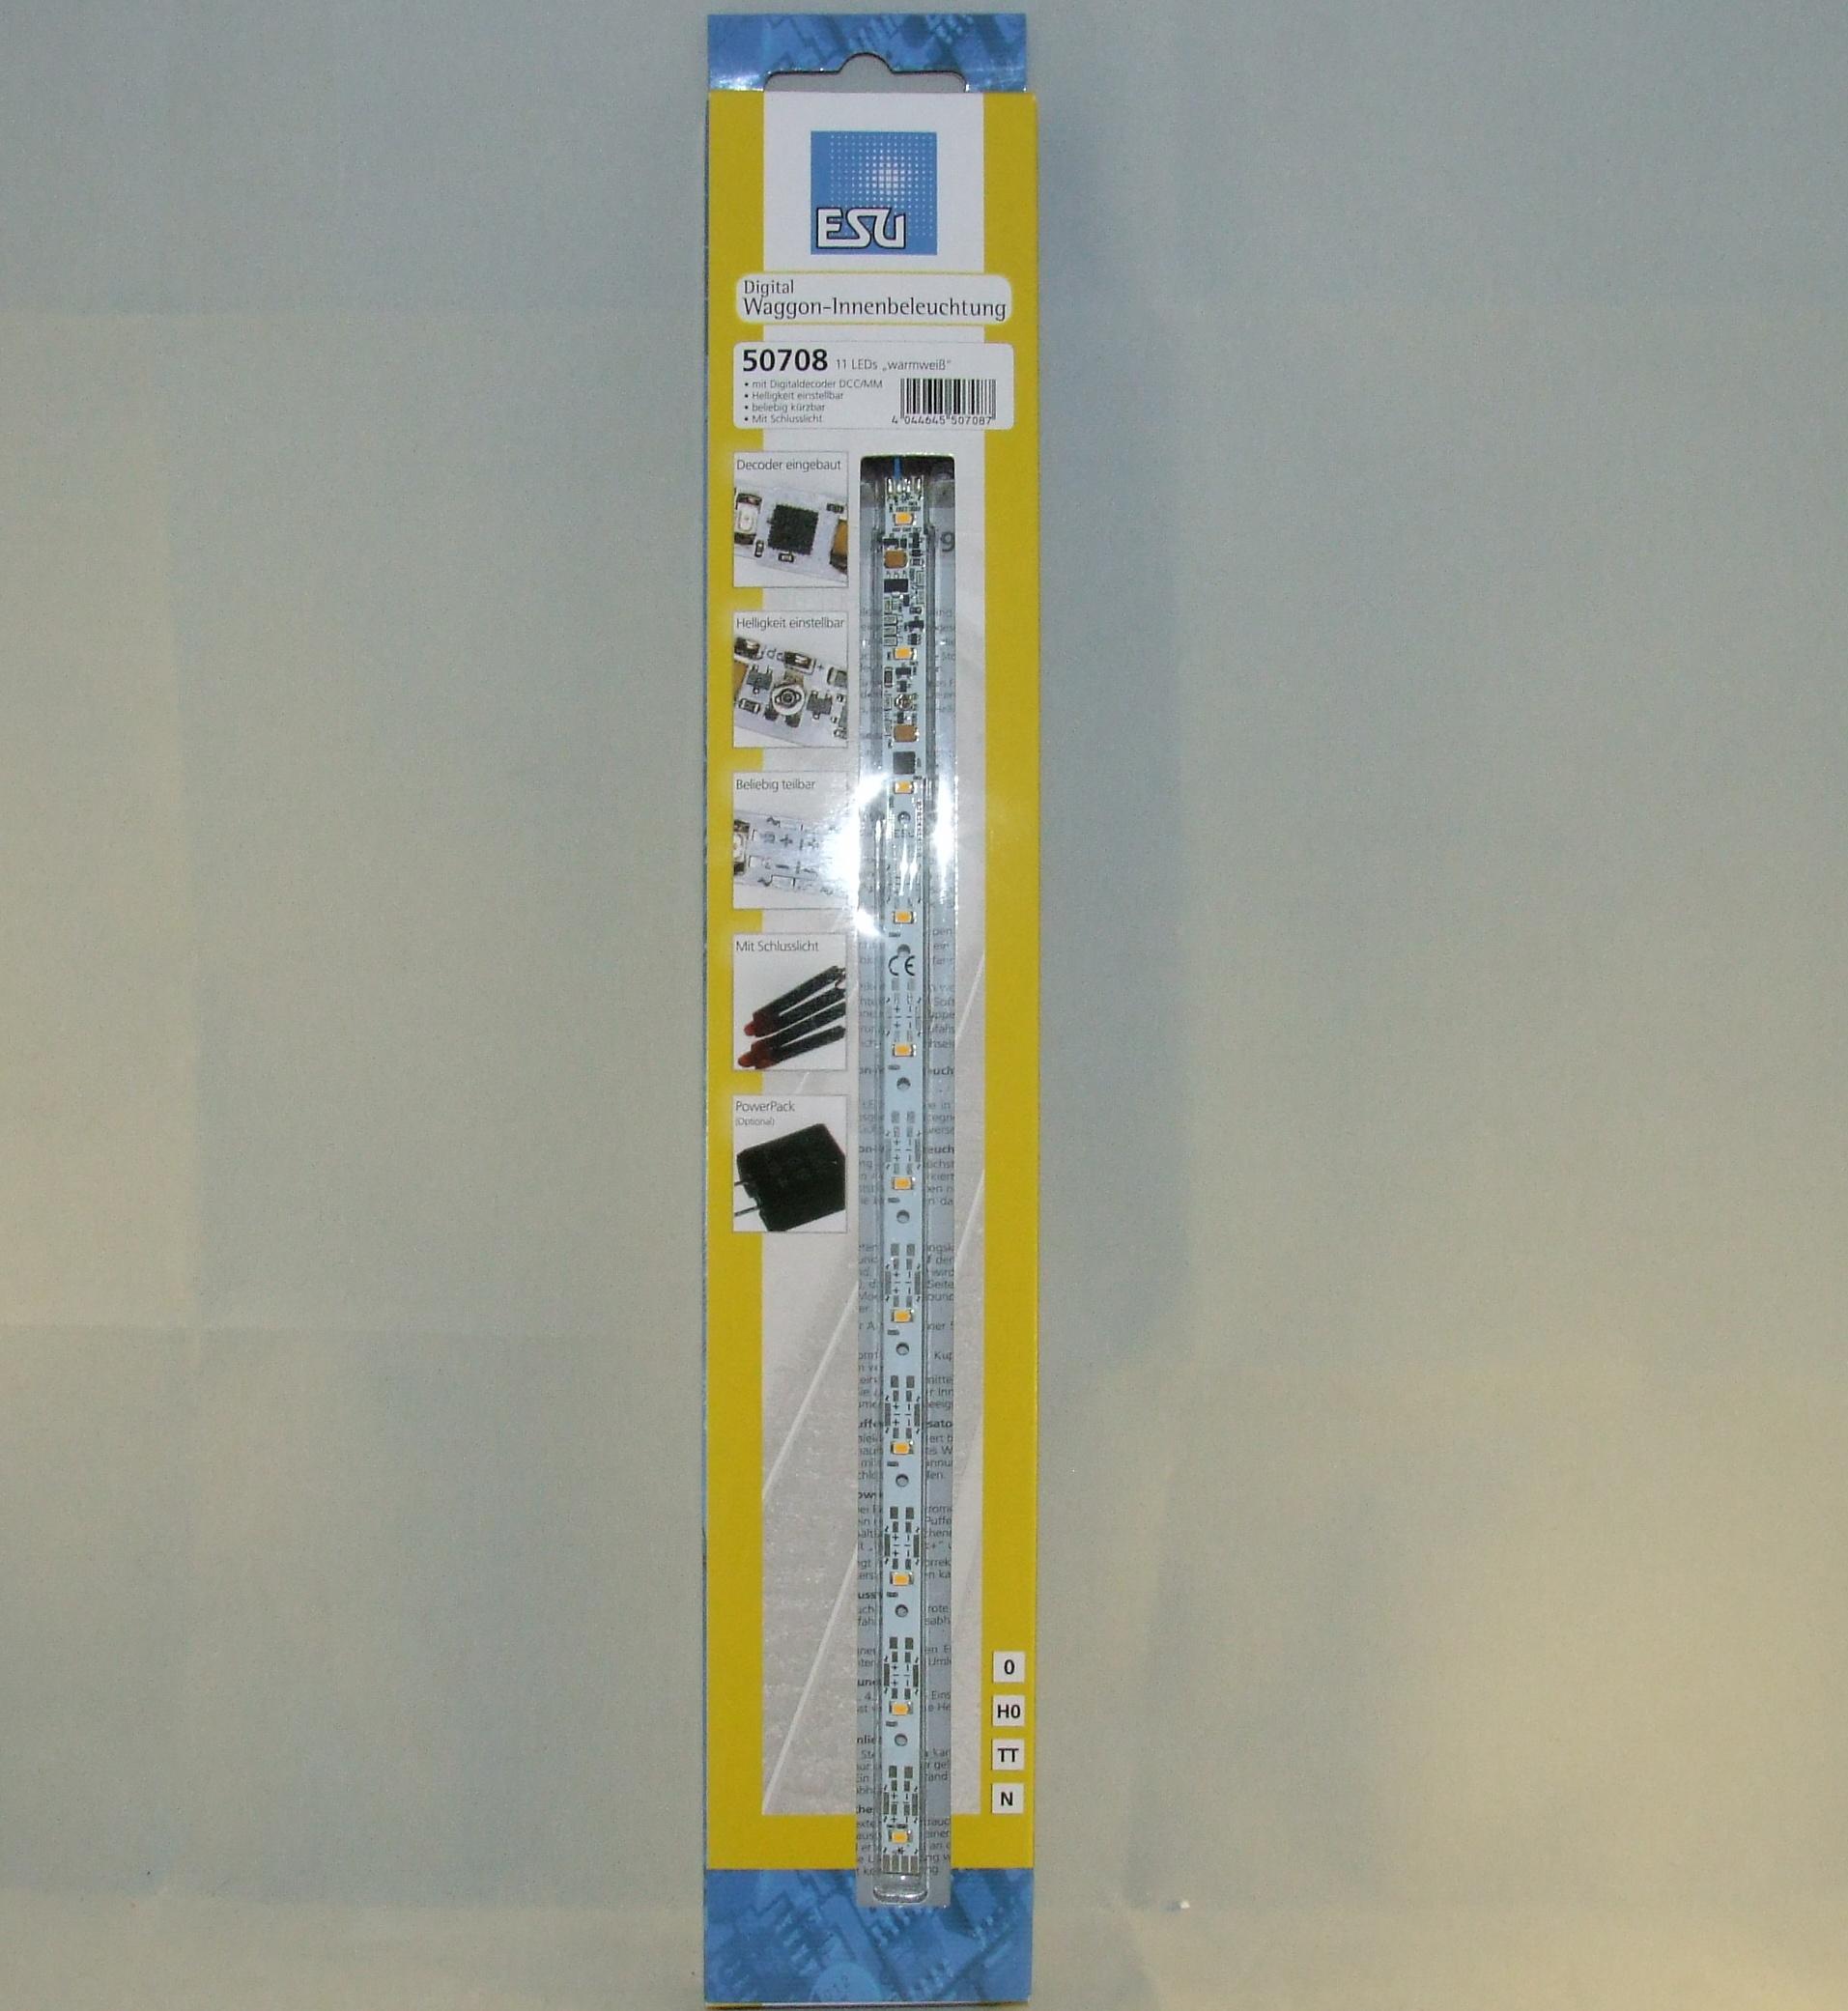 ESU 50708 Innenbeleuchtungs-Set mit Decoder + Schlusslicht, 255mm, teilbar